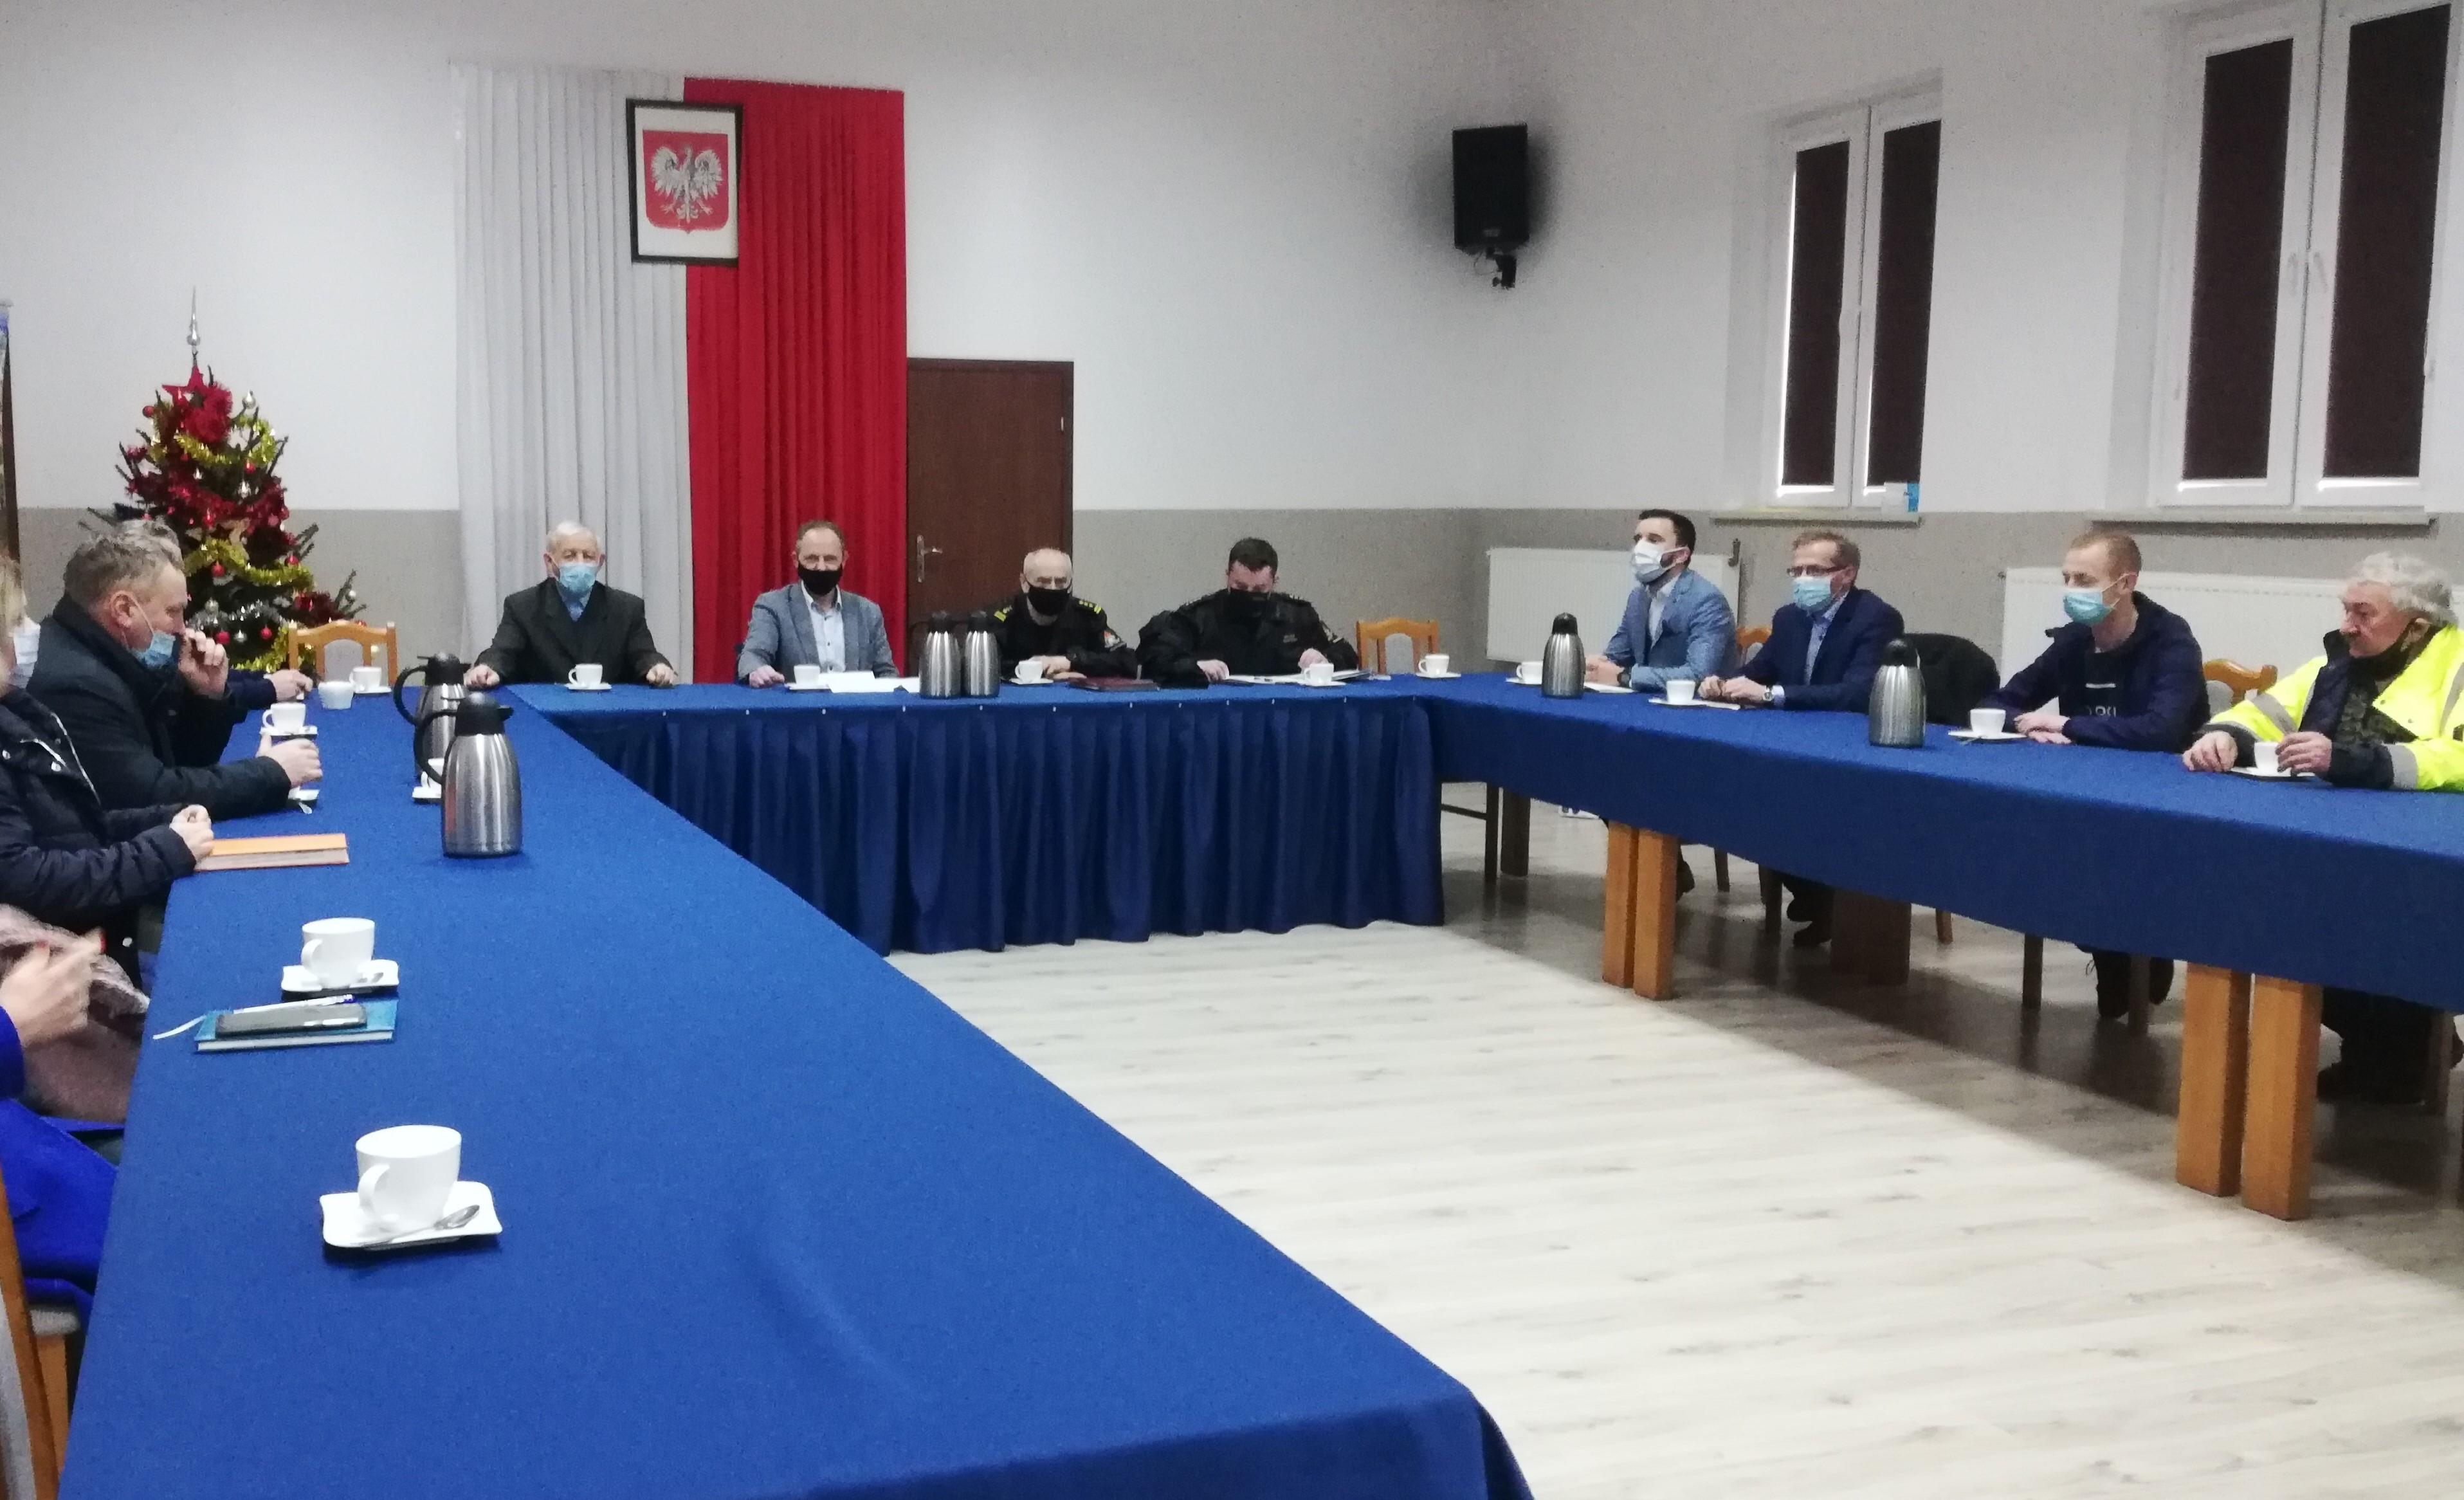 Spotkanie w Gminnym Ośrodku Kultury i Sportu w Radominie, na którym został omówiony program szczepień